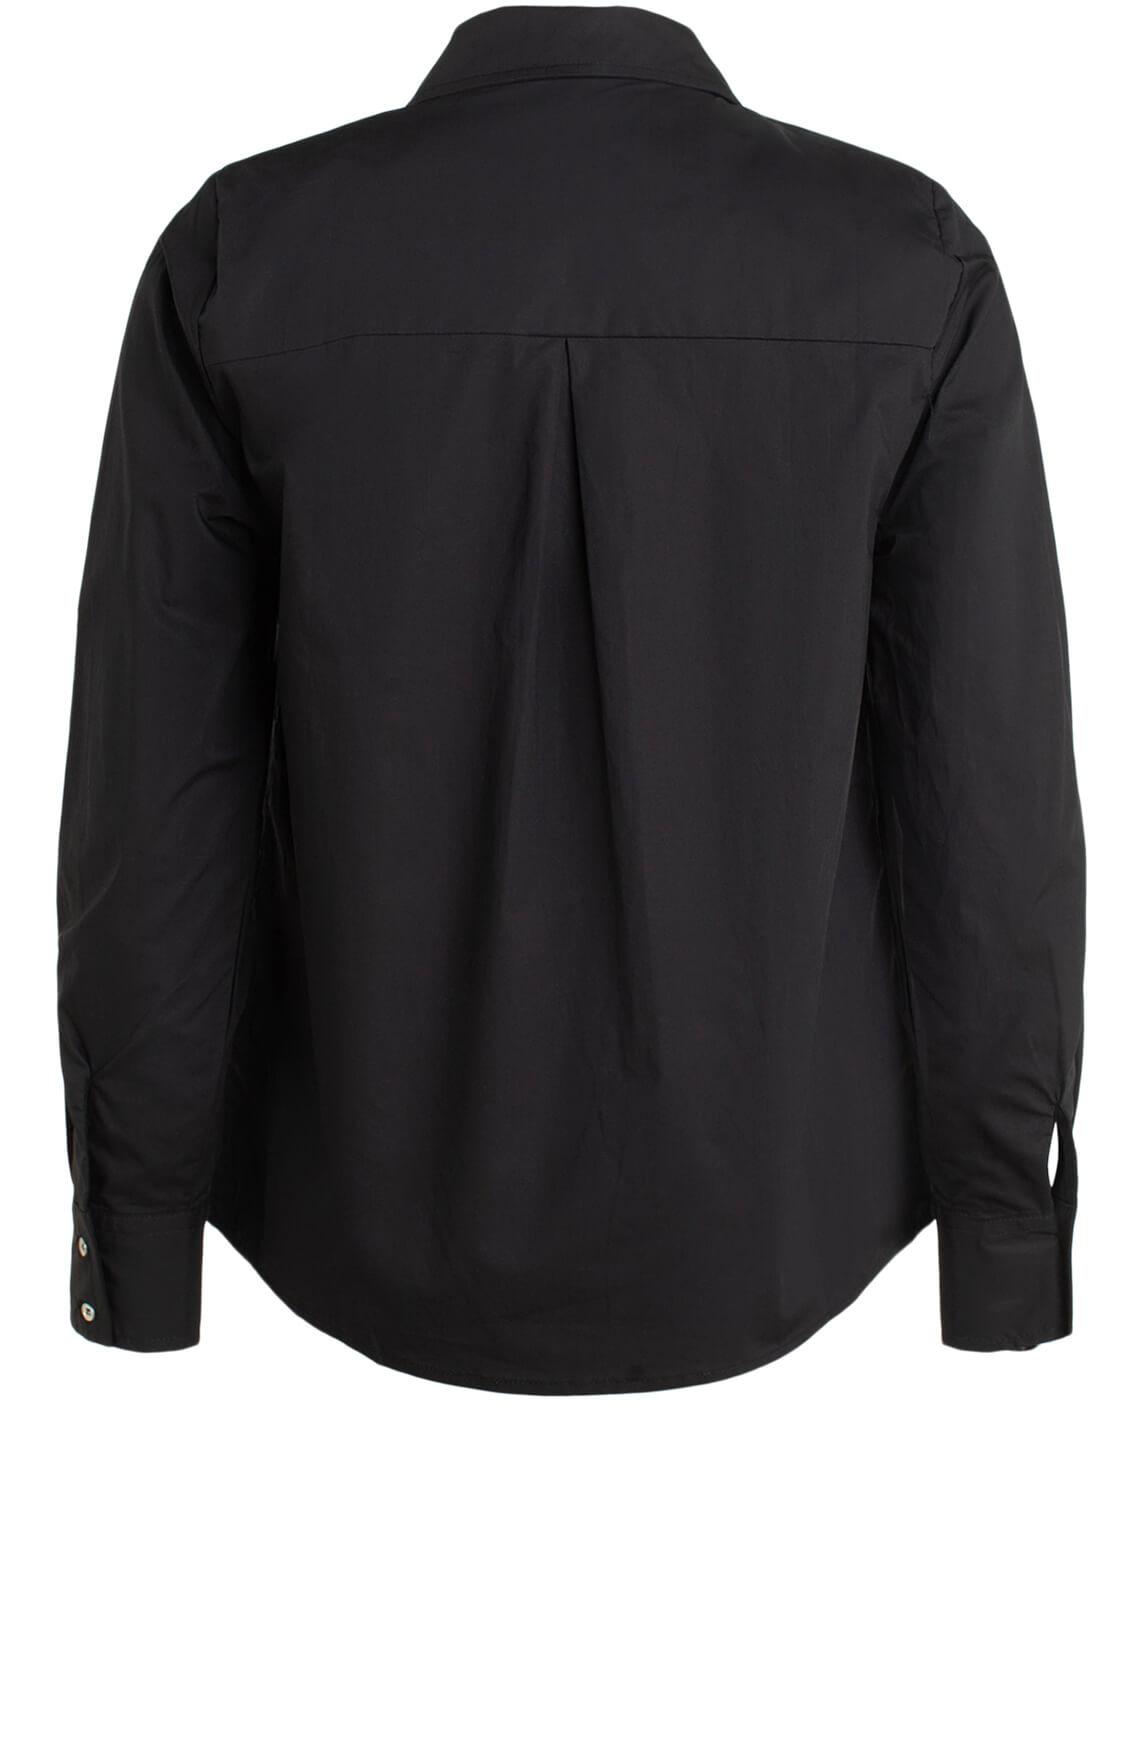 Co Couture Dames Coriolis blouse zwart